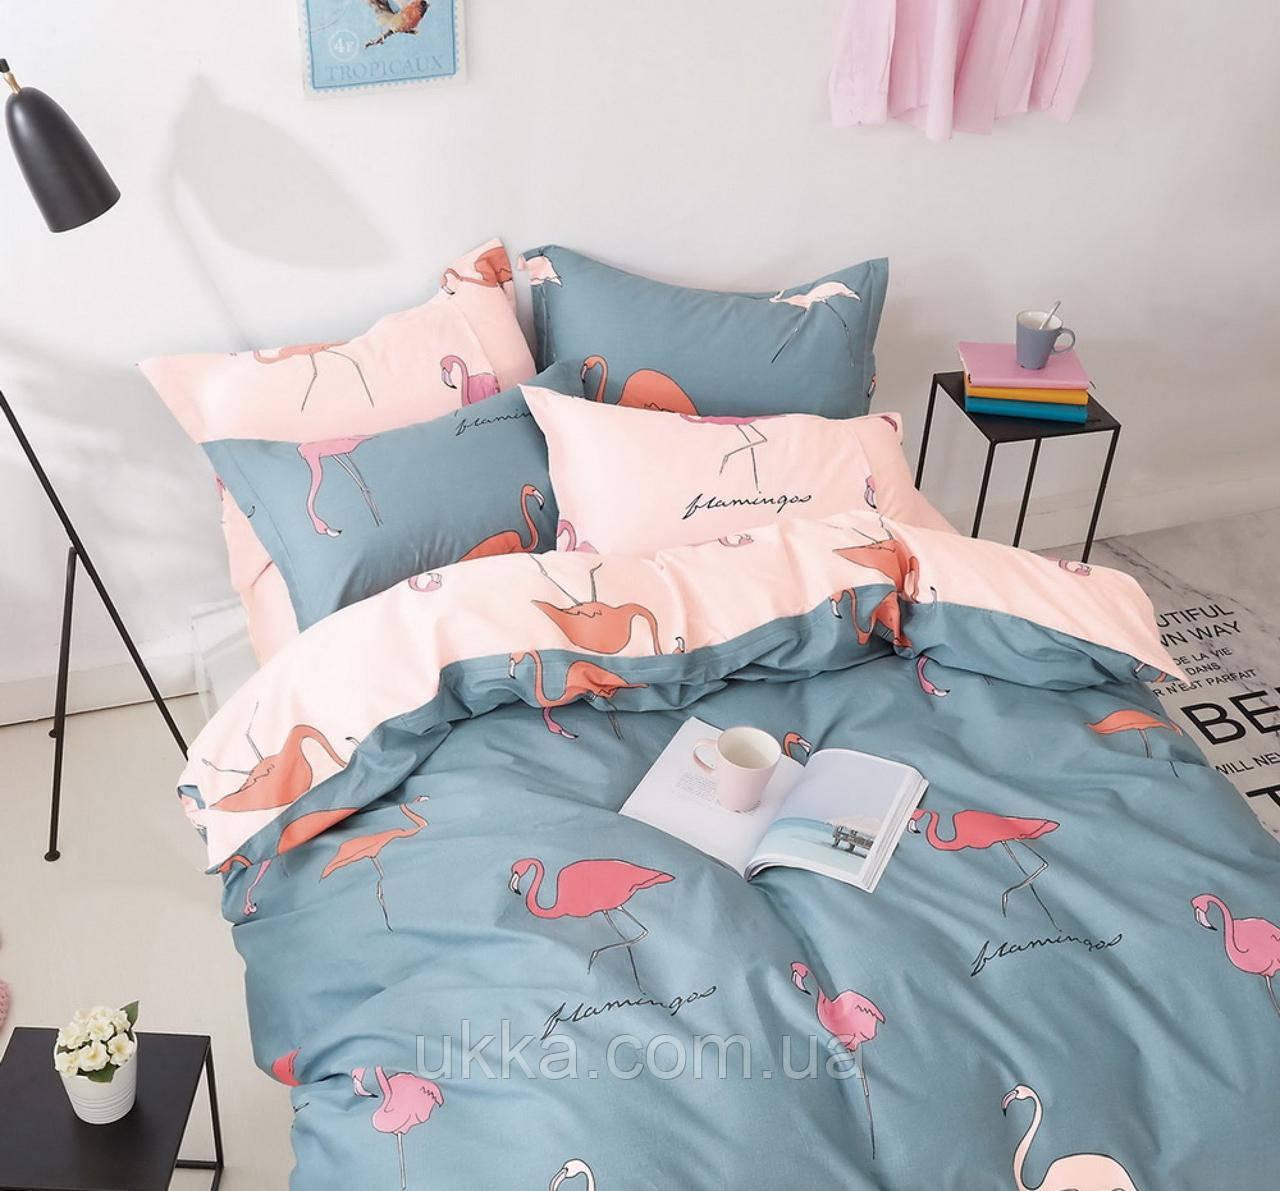 Двуспальное постельное белье хлопковое 19007 Вилюта